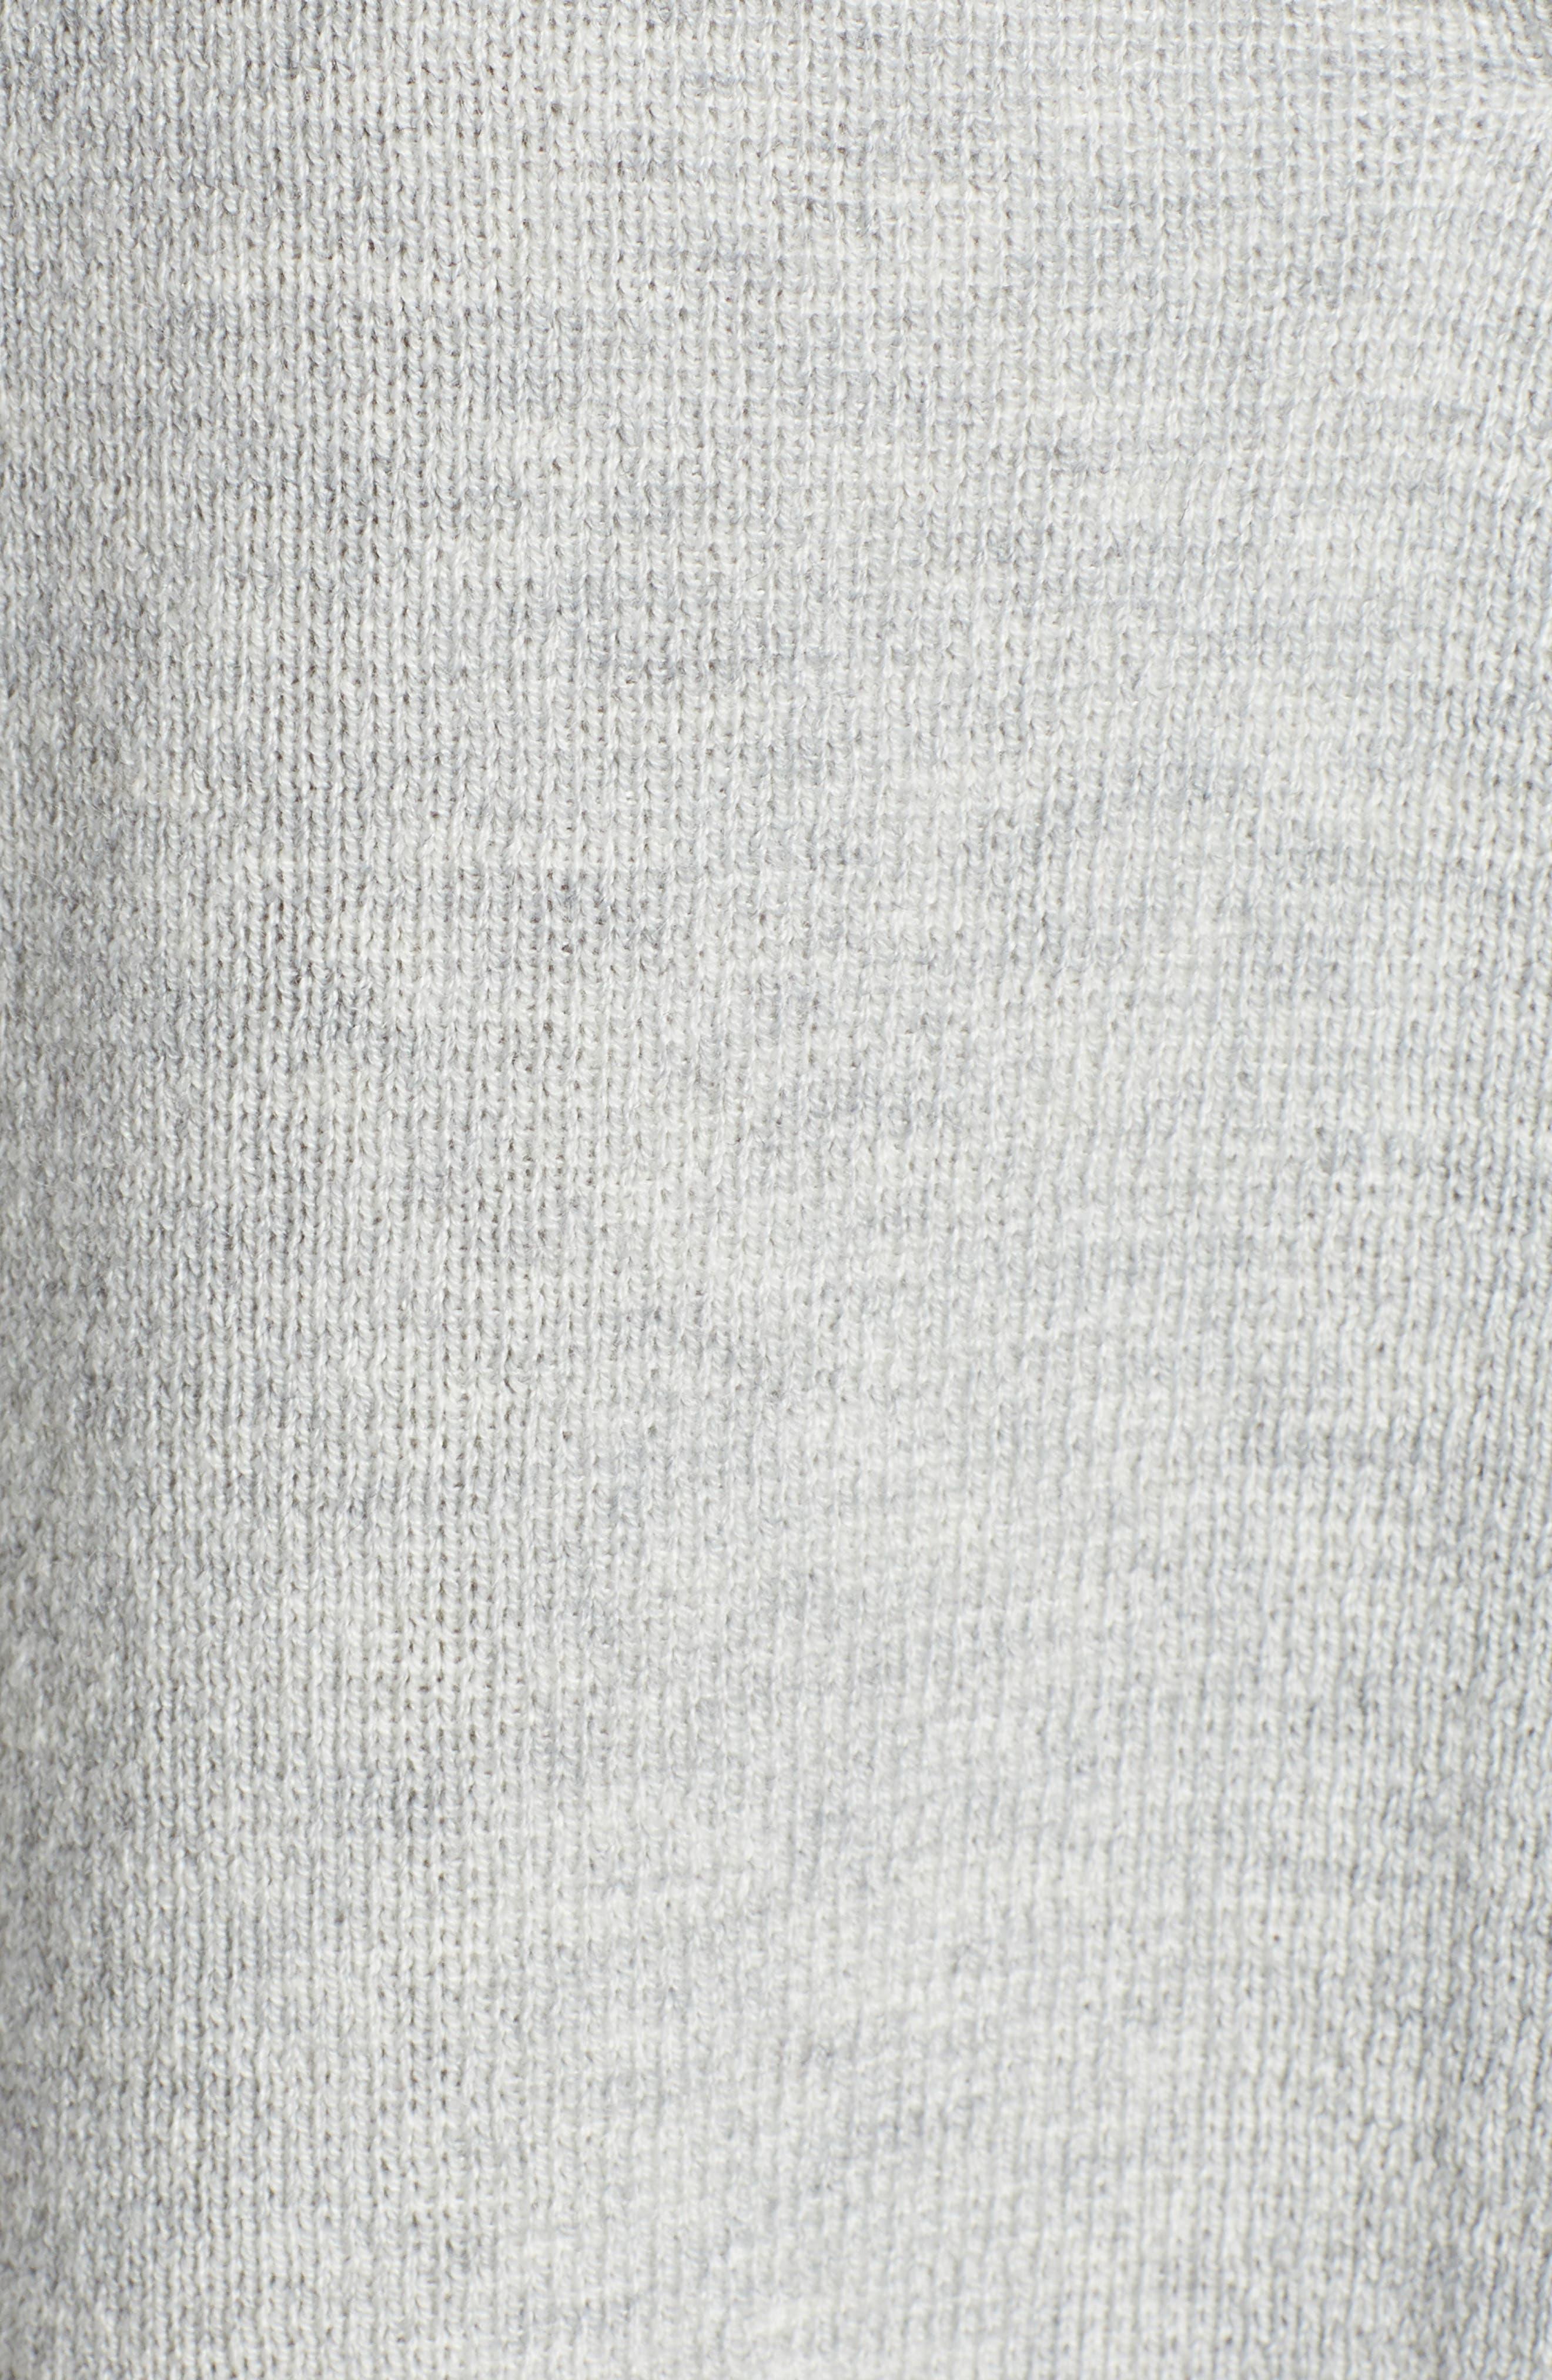 Split Neck Sweater,                             Alternate thumbnail 5, color,                             MED GREY